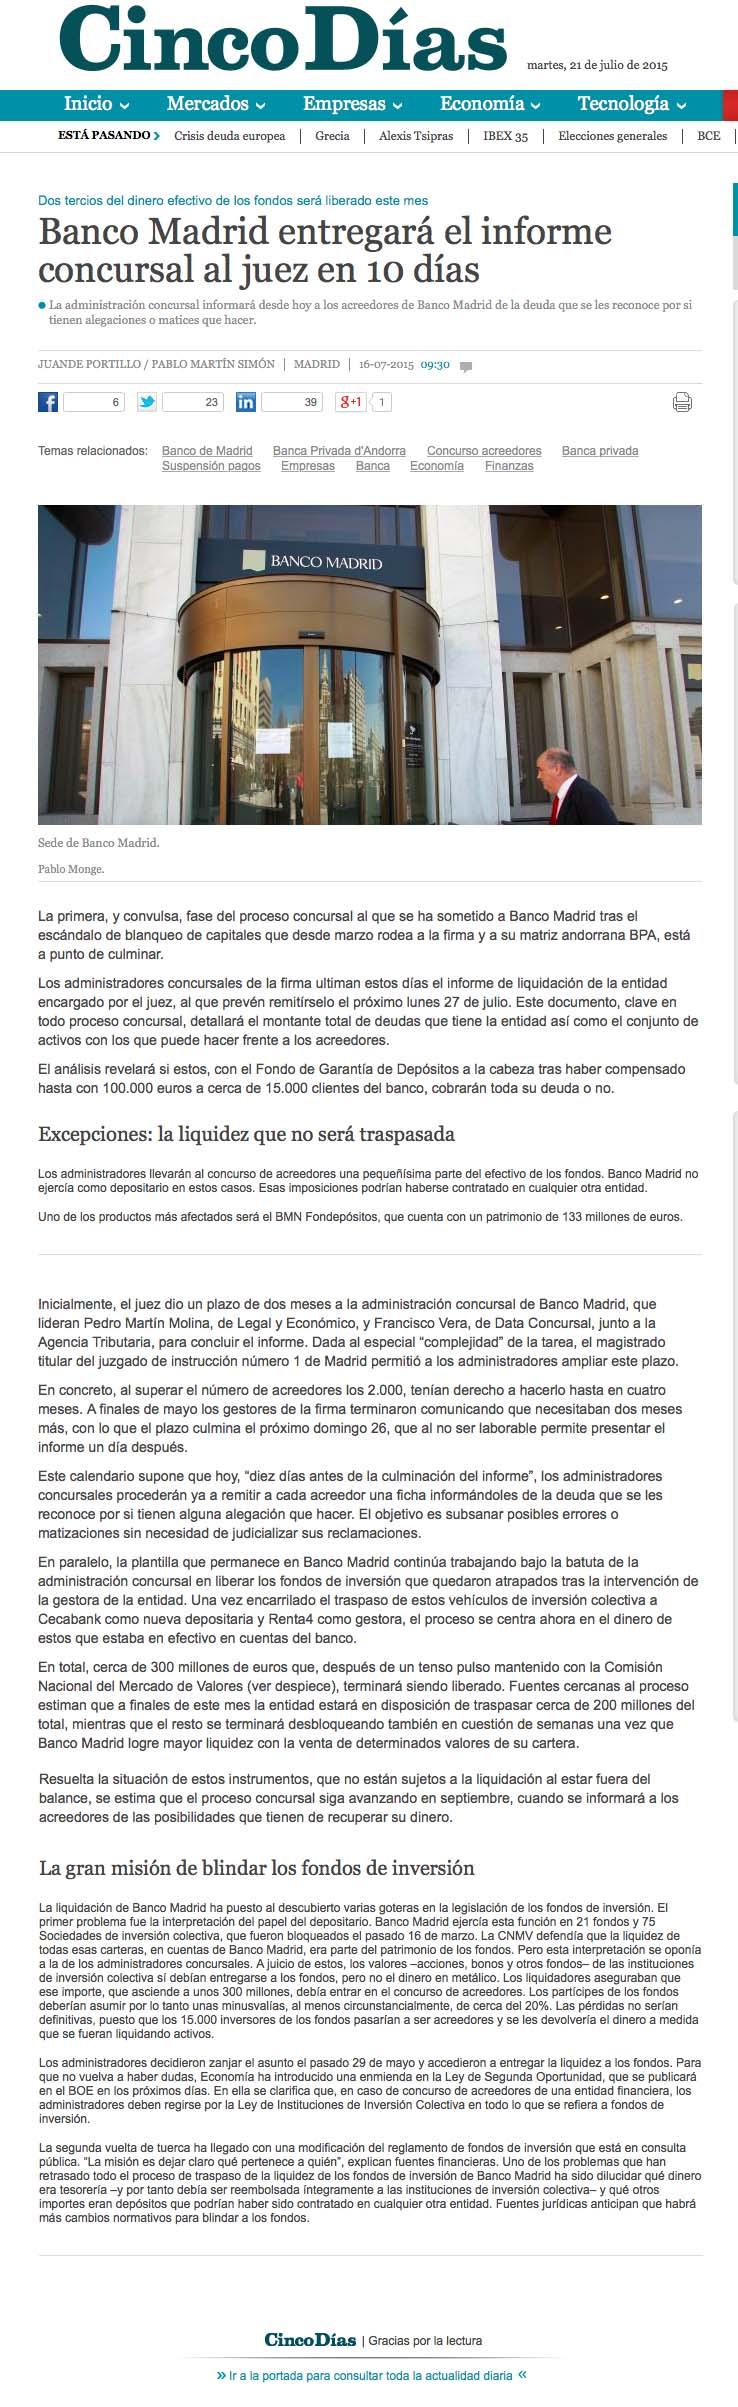 CINCO-DIAS-BANCO-MADRID